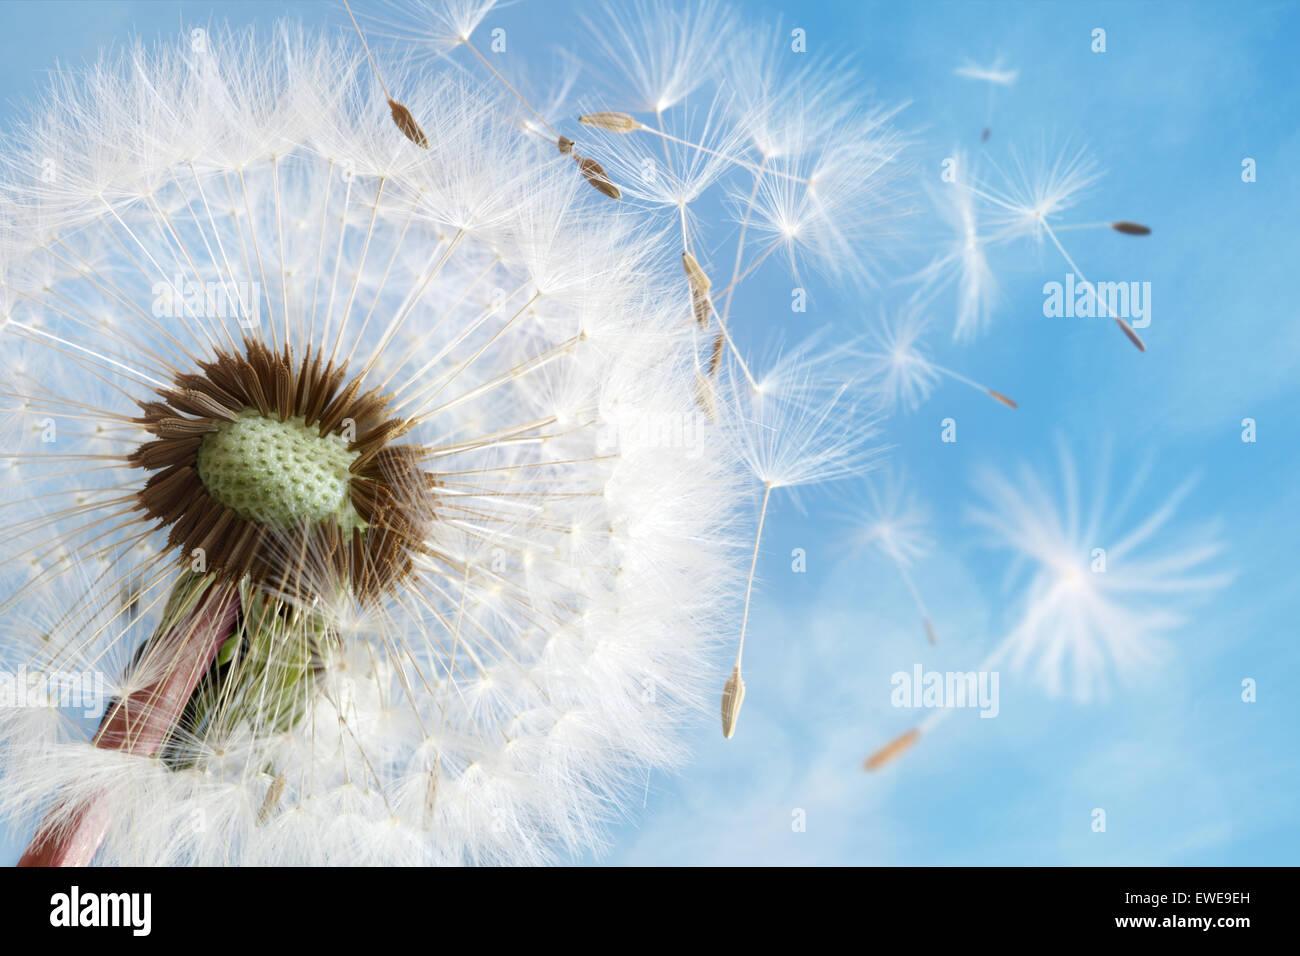 Graines de pissenlit dans la lumière du soleil du matin souffle loin dans le vent dans un ciel bleu clair Photo Stock